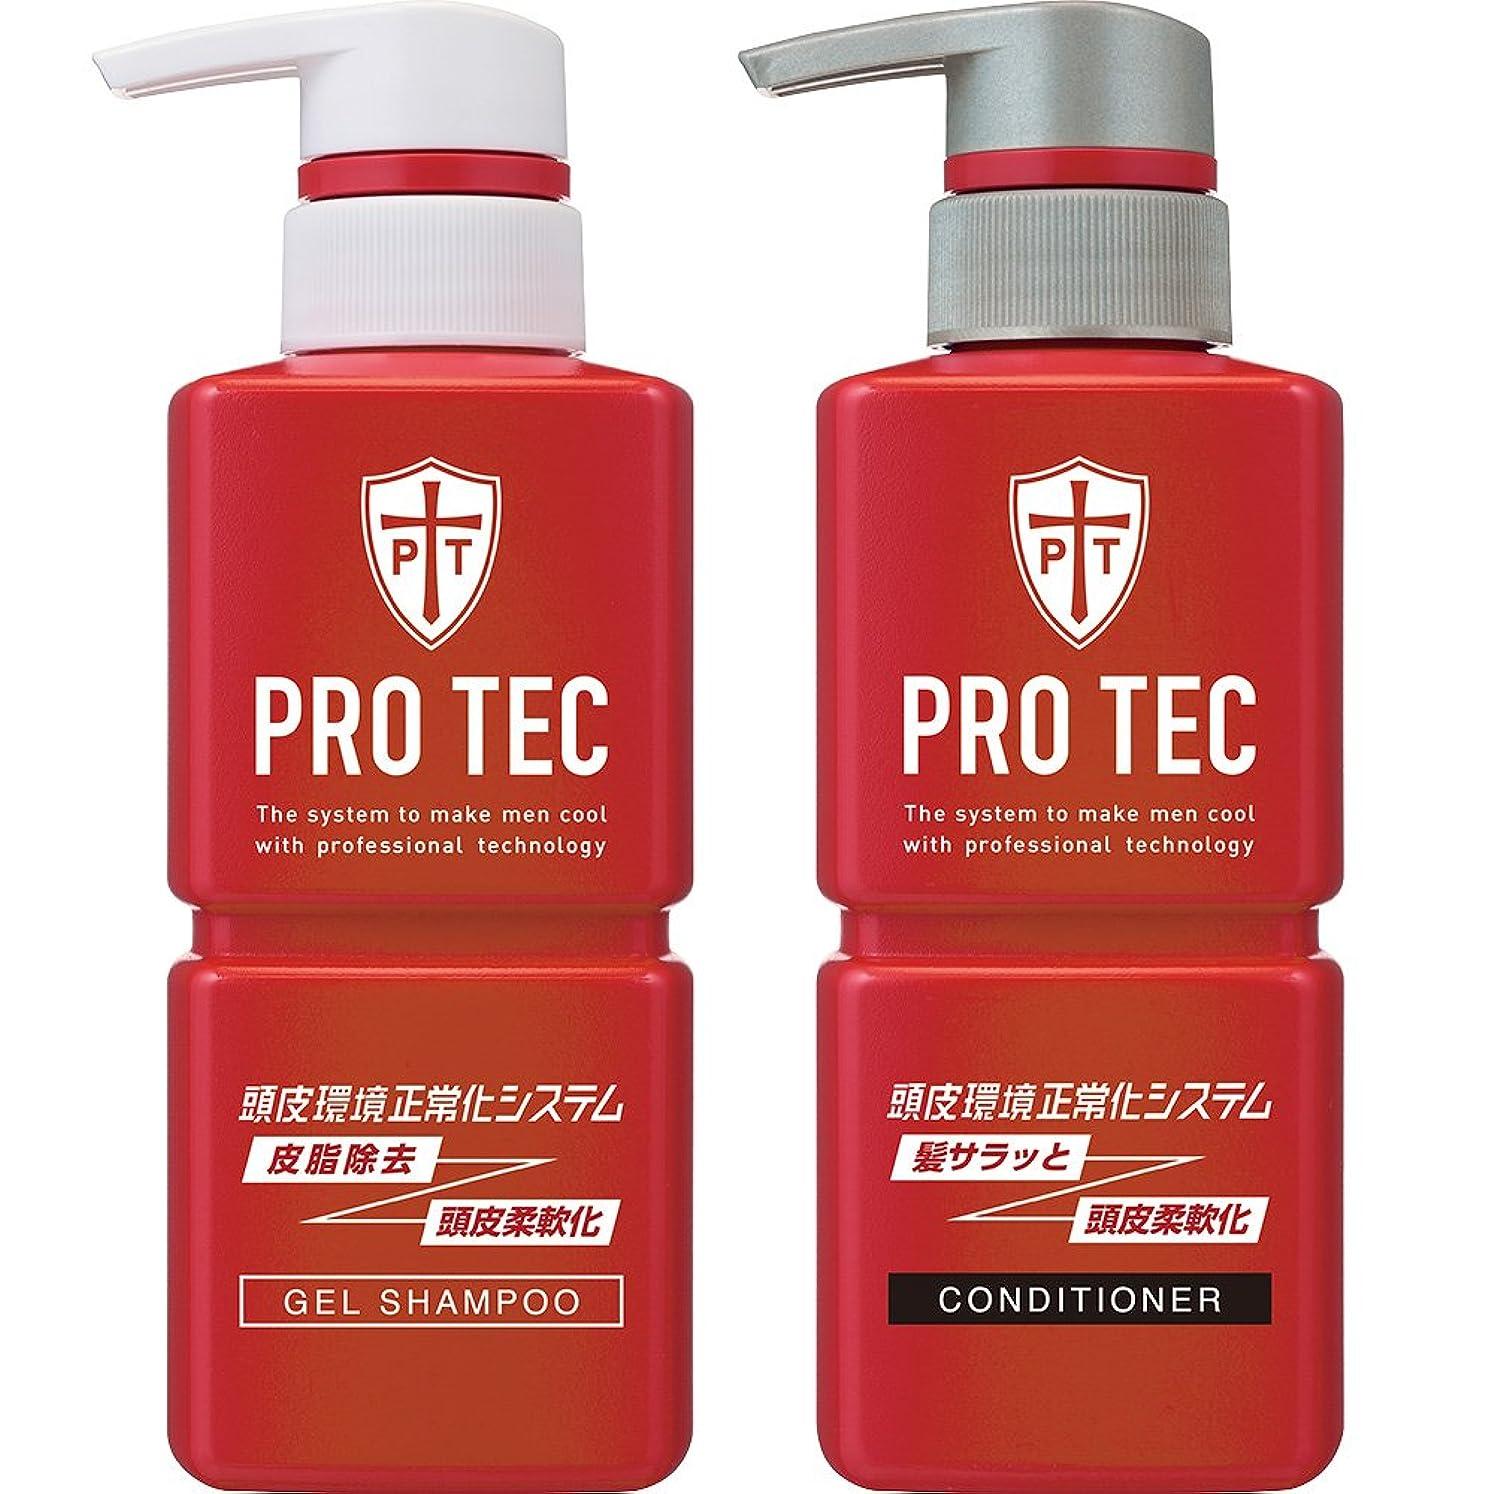 絶滅させるマウントバンクヨーグルトPRO TEC(プロテク) 頭皮ストレッチ シャンプー ポンプ 300g(医薬部外品)+ コンディショナー ポンプ 300g